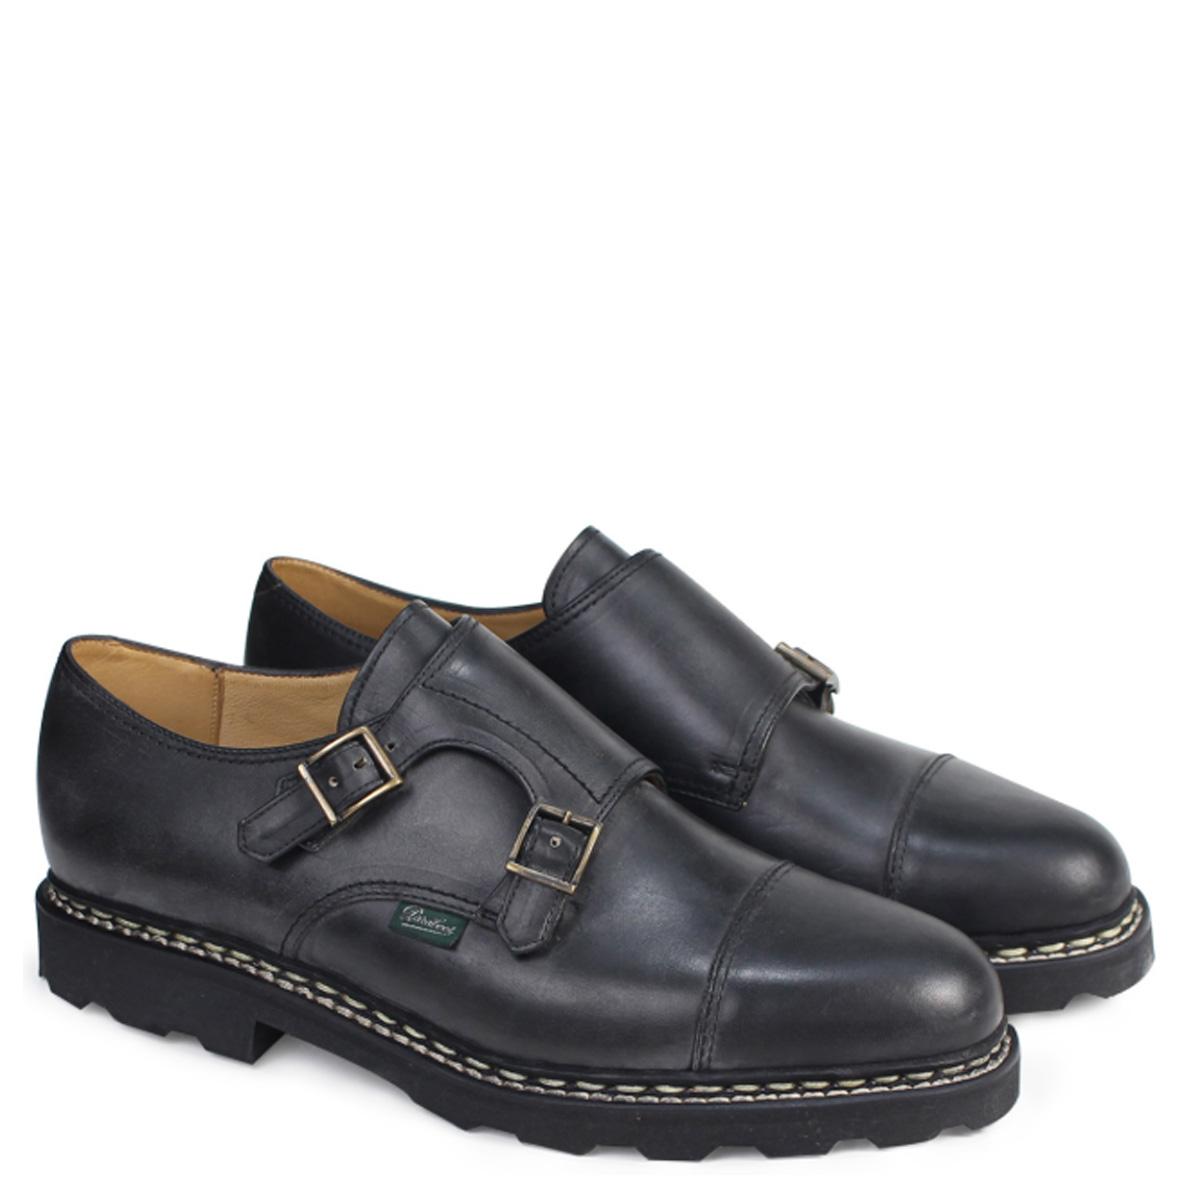 PARABOOT WILLIAM パラブーツ ウィリアム シューズ ダブルモンクシューズ 981412 メンズ レディース 靴 ブラック [4/7 追加入荷]